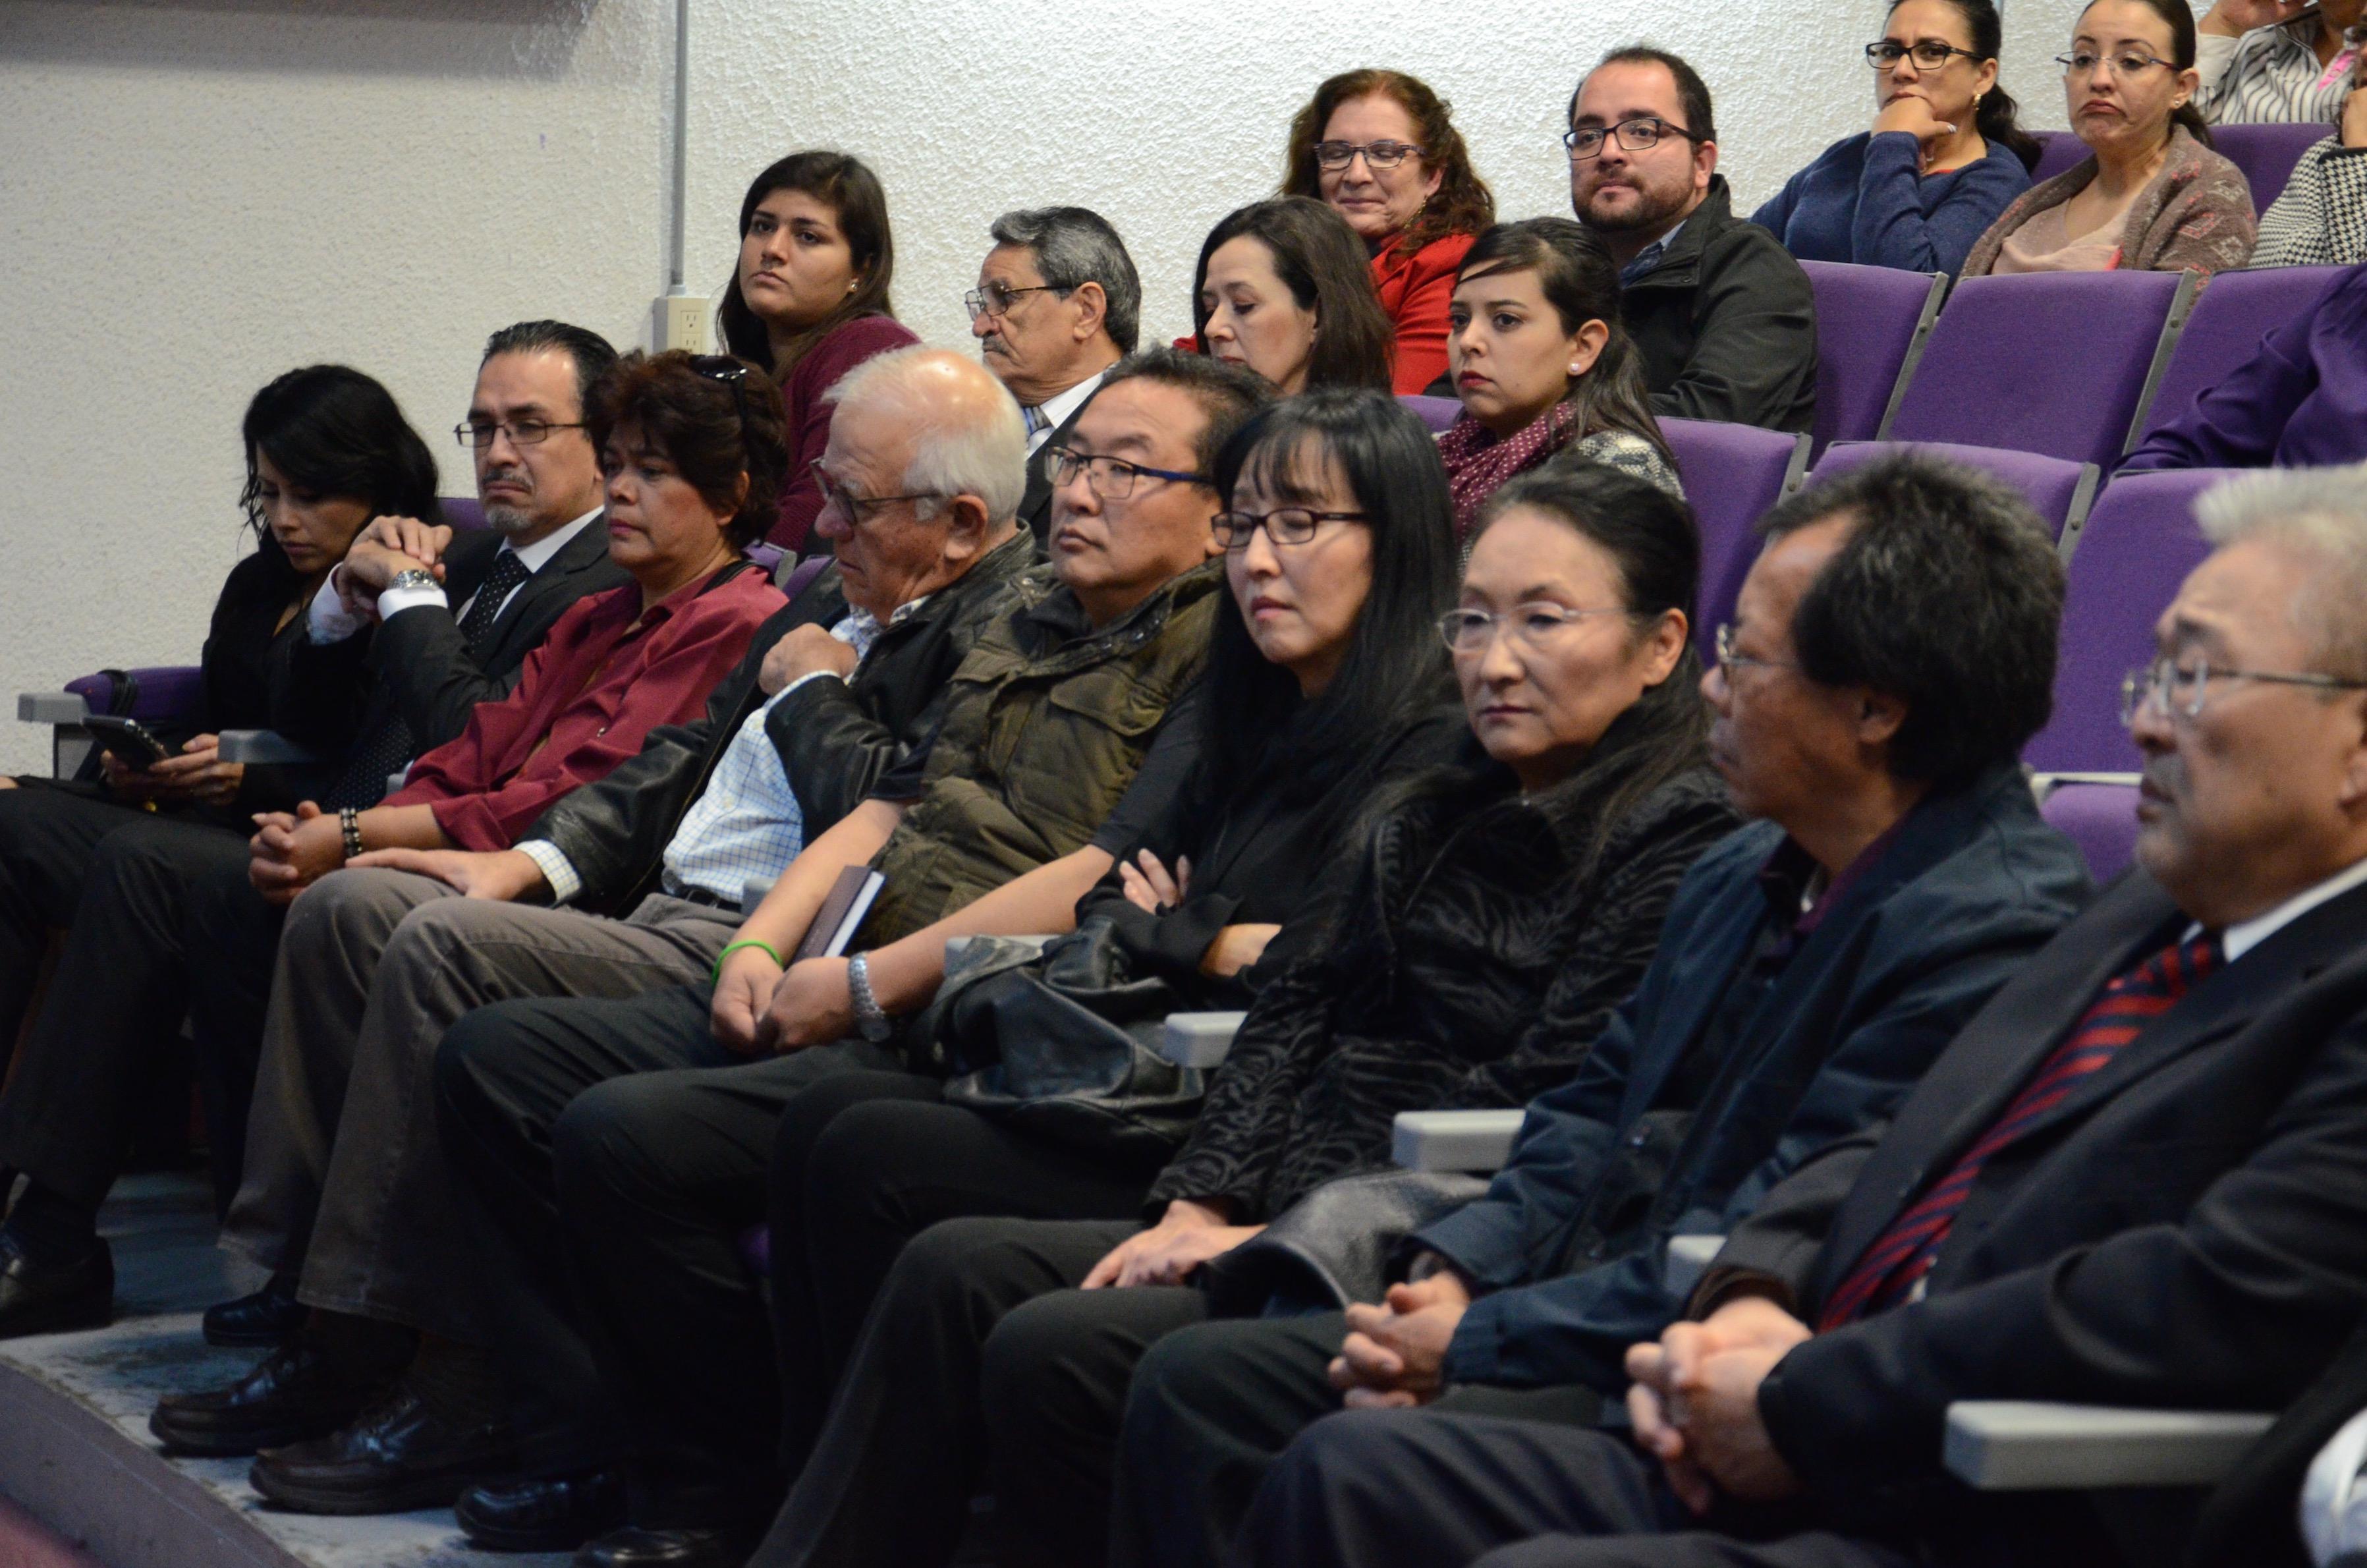 Familiares, compañeros y amigos en el Auditorio Javier García de Alba